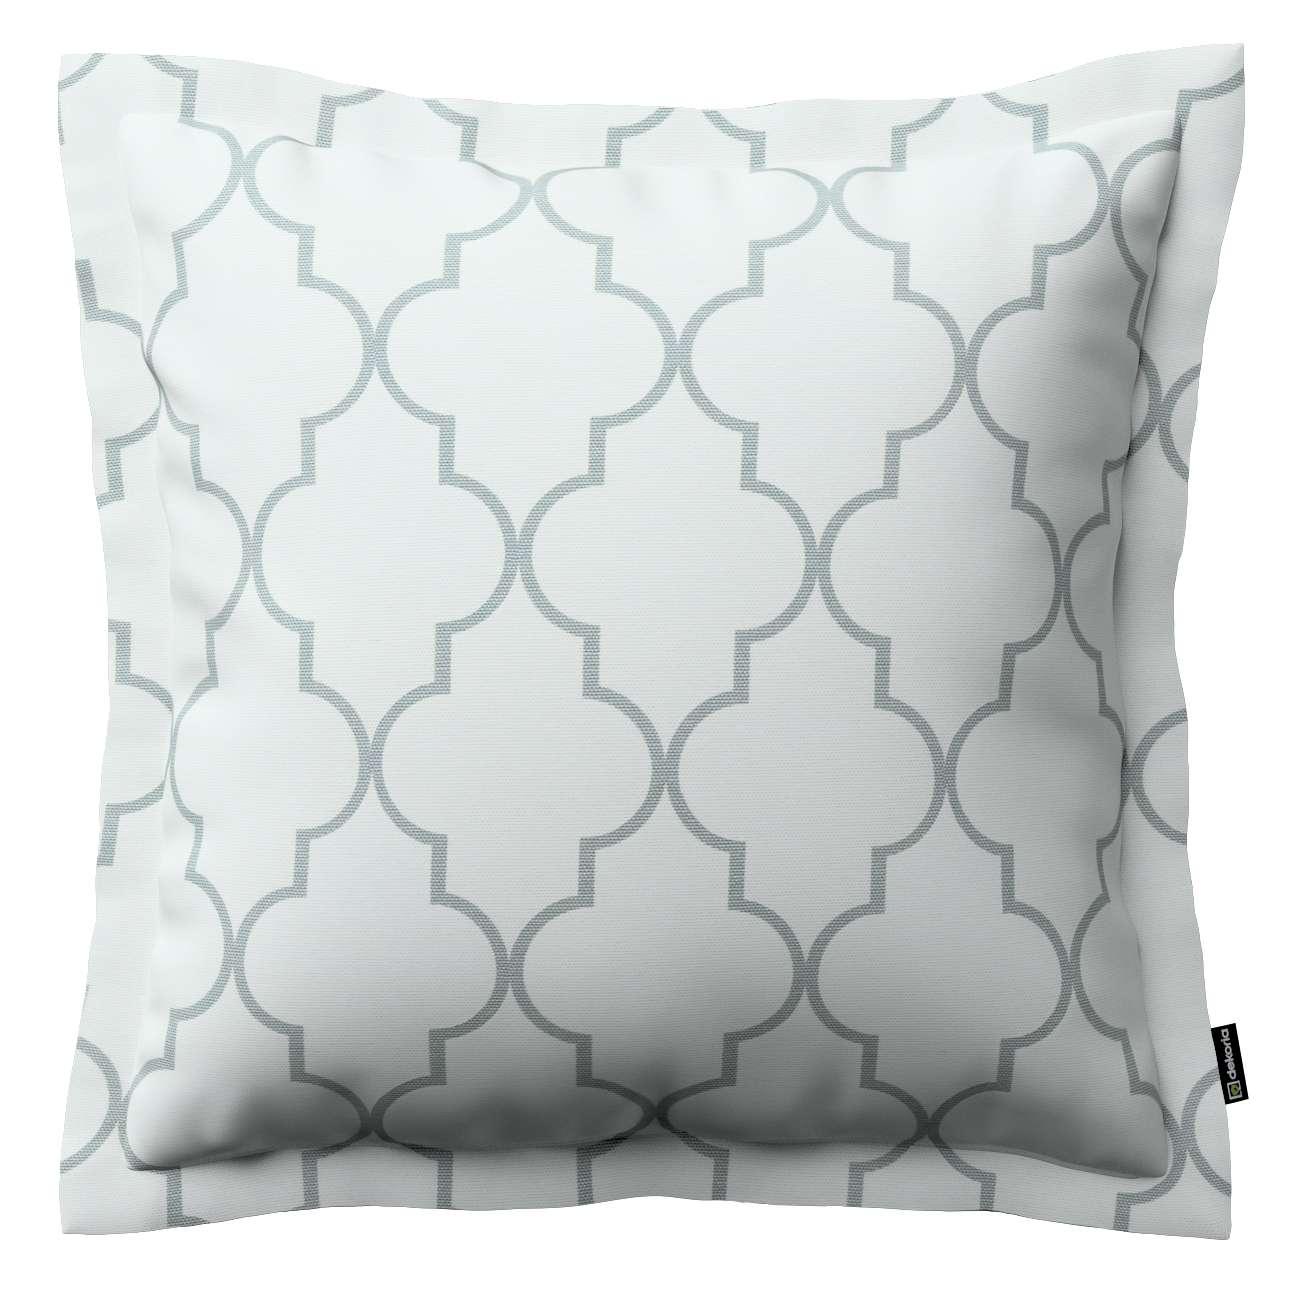 Mona dekoratyvinių pagalvėlių užvalkalas su sienele 45 x 45cm kolekcijoje Comics Prints, audinys: 137-85